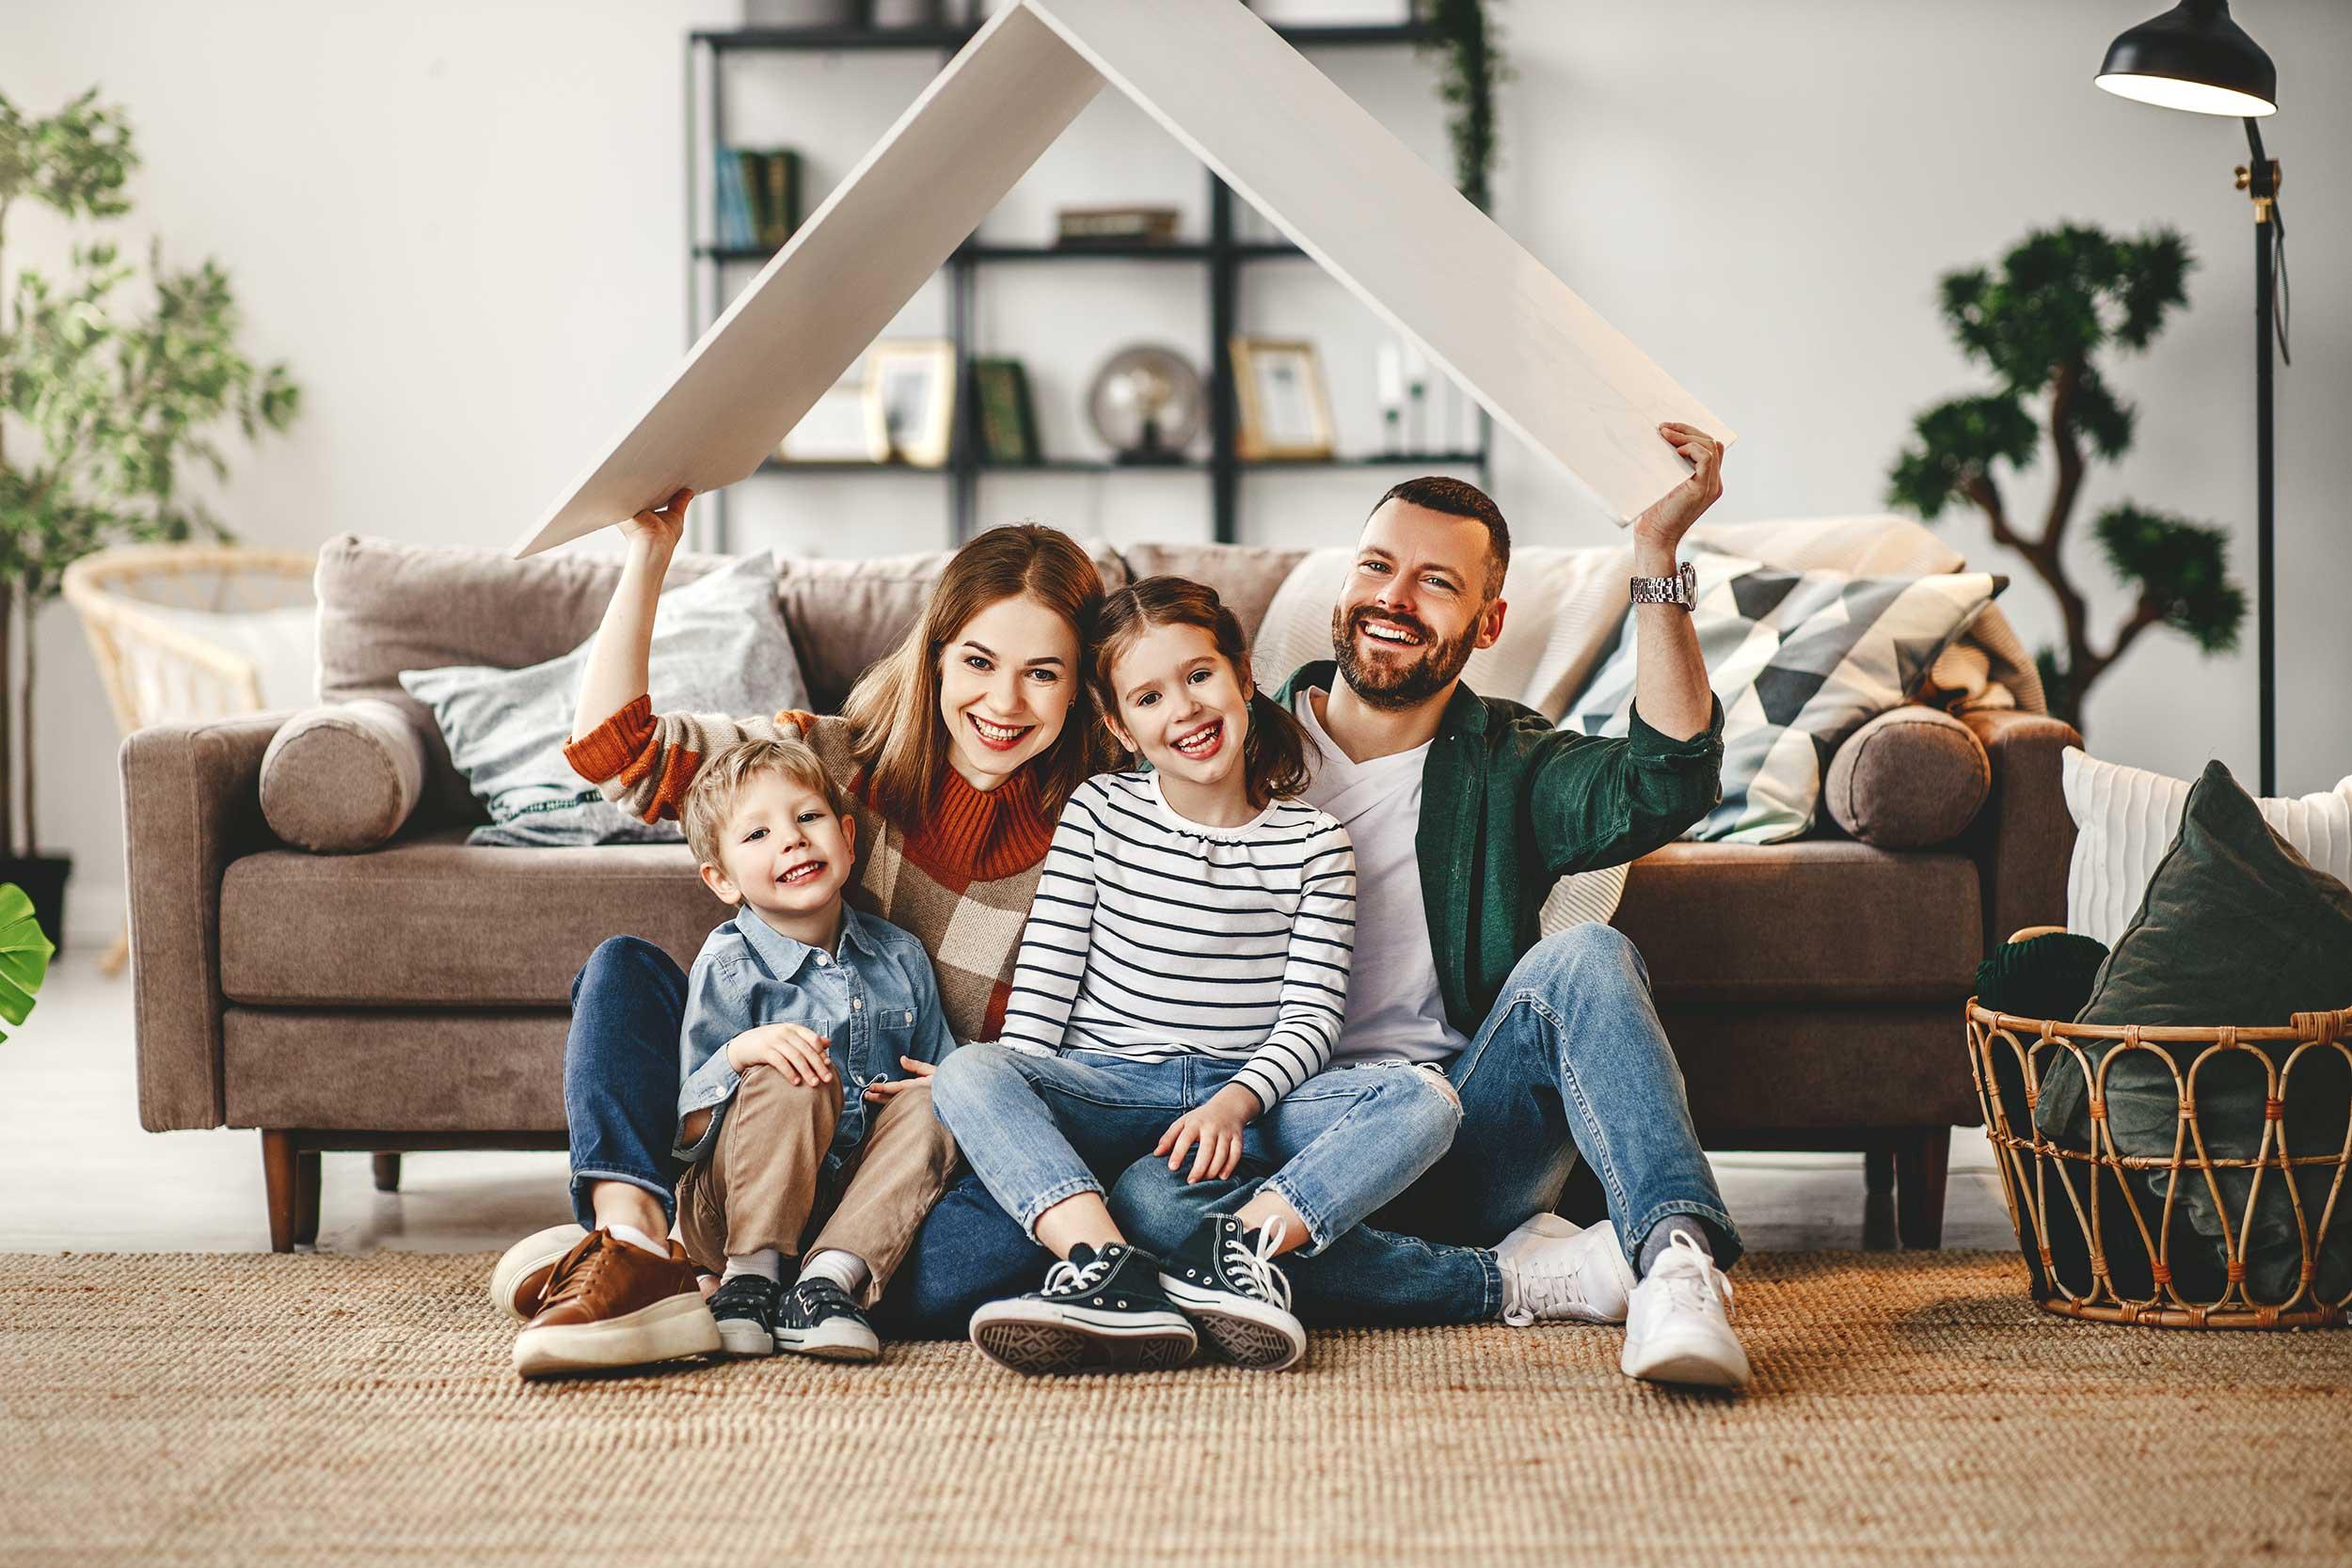 Junge Familie in neuem Haus